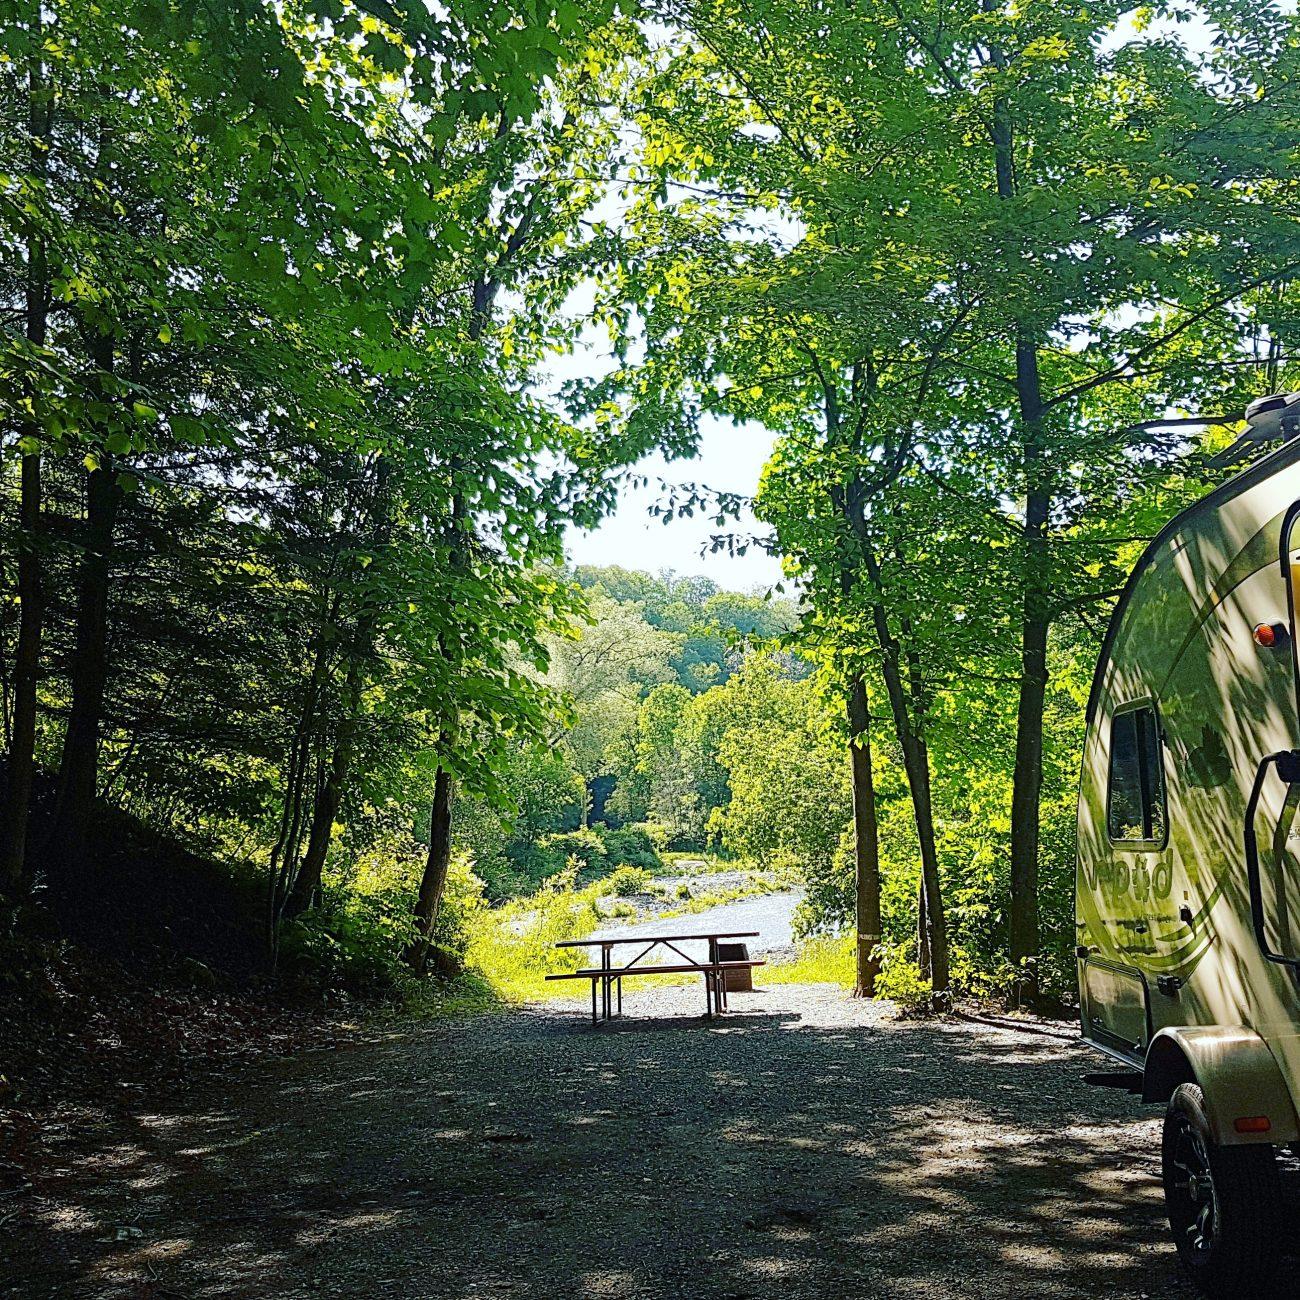 camping-parc-de-la-gorge-coaticook-raisonetgourmandise-1